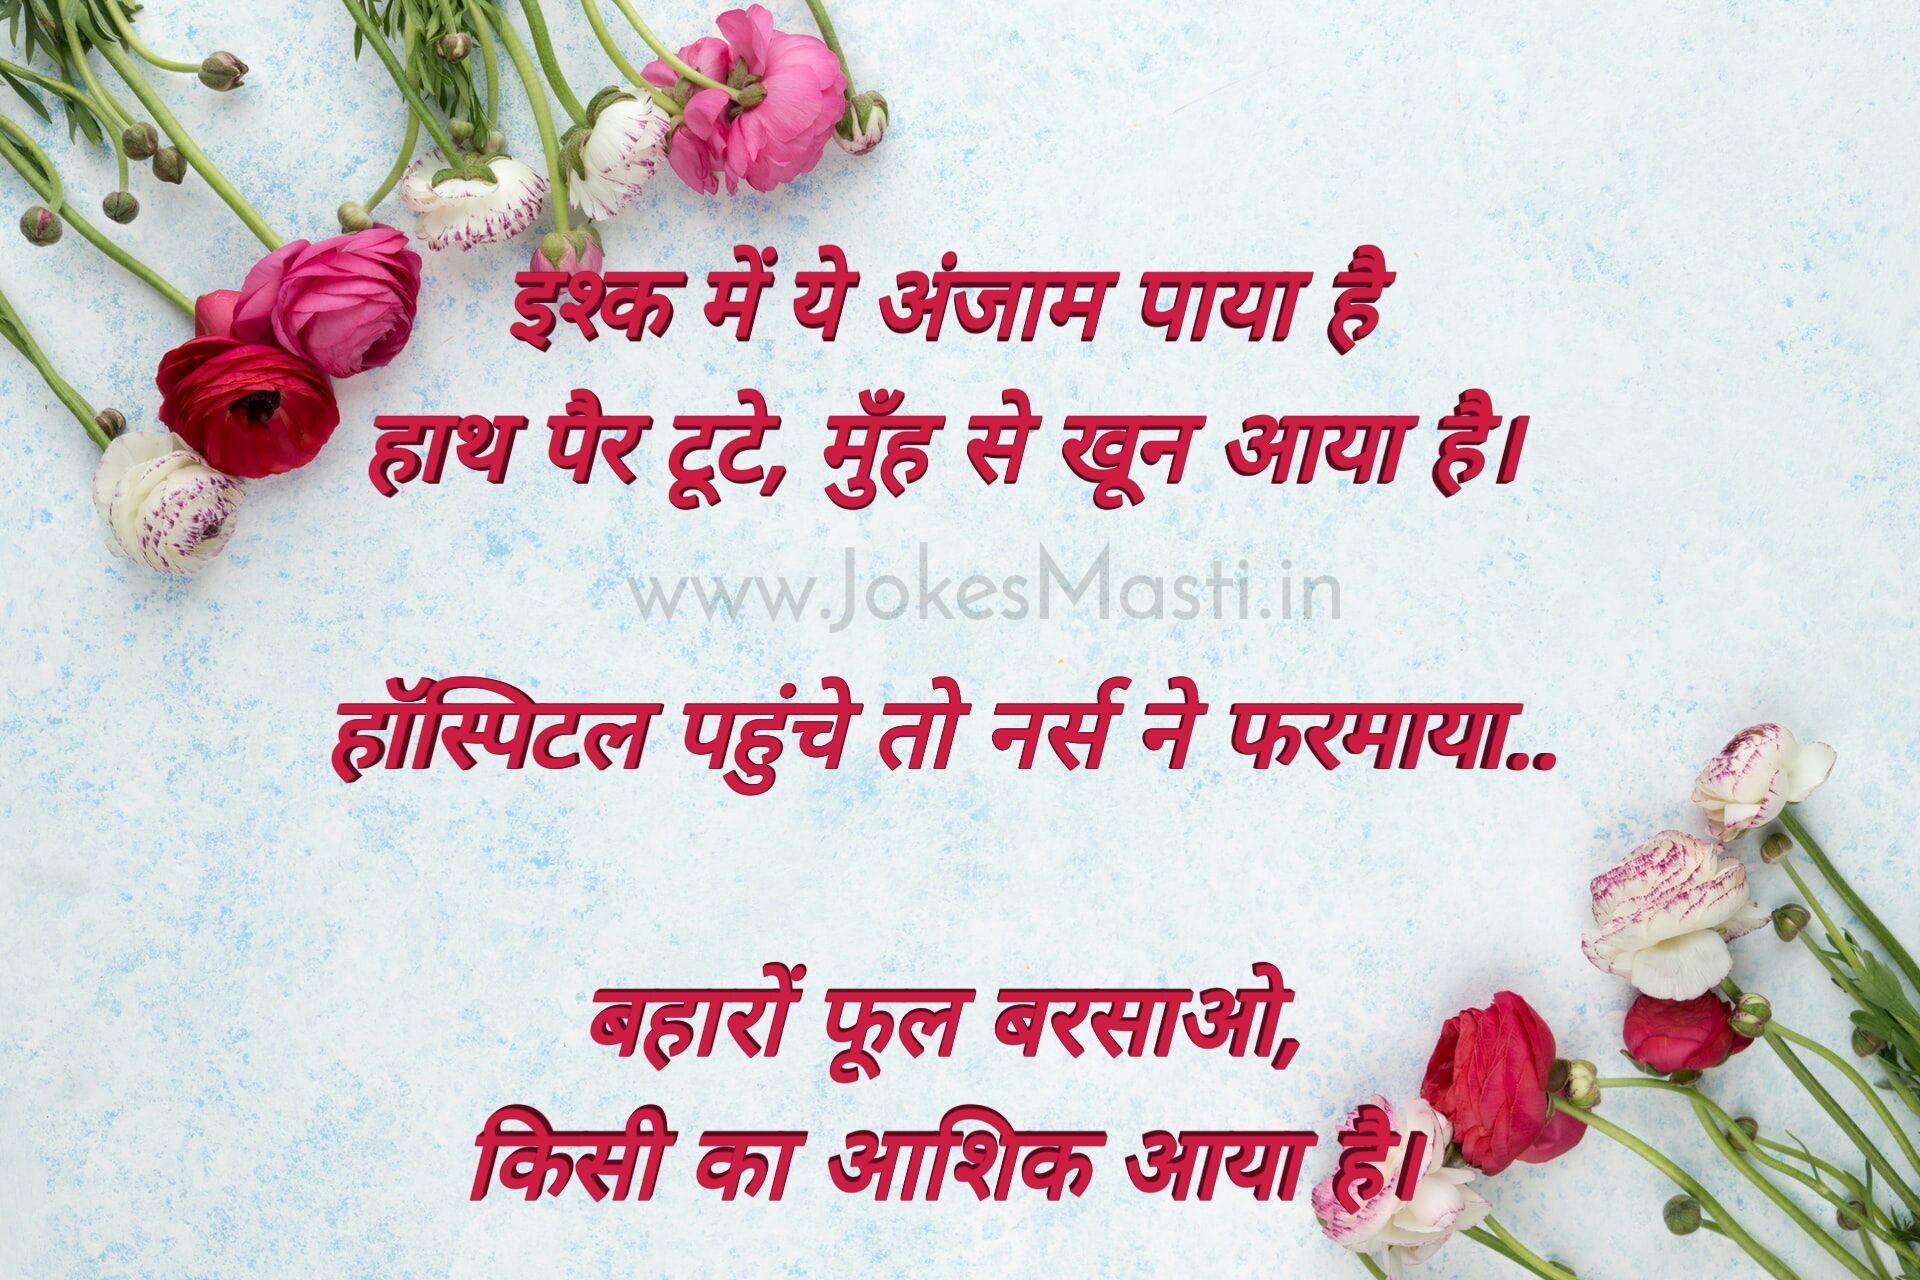 Funny Shayari in Hindi | Latest Funny Love Shayari | JokesMasti